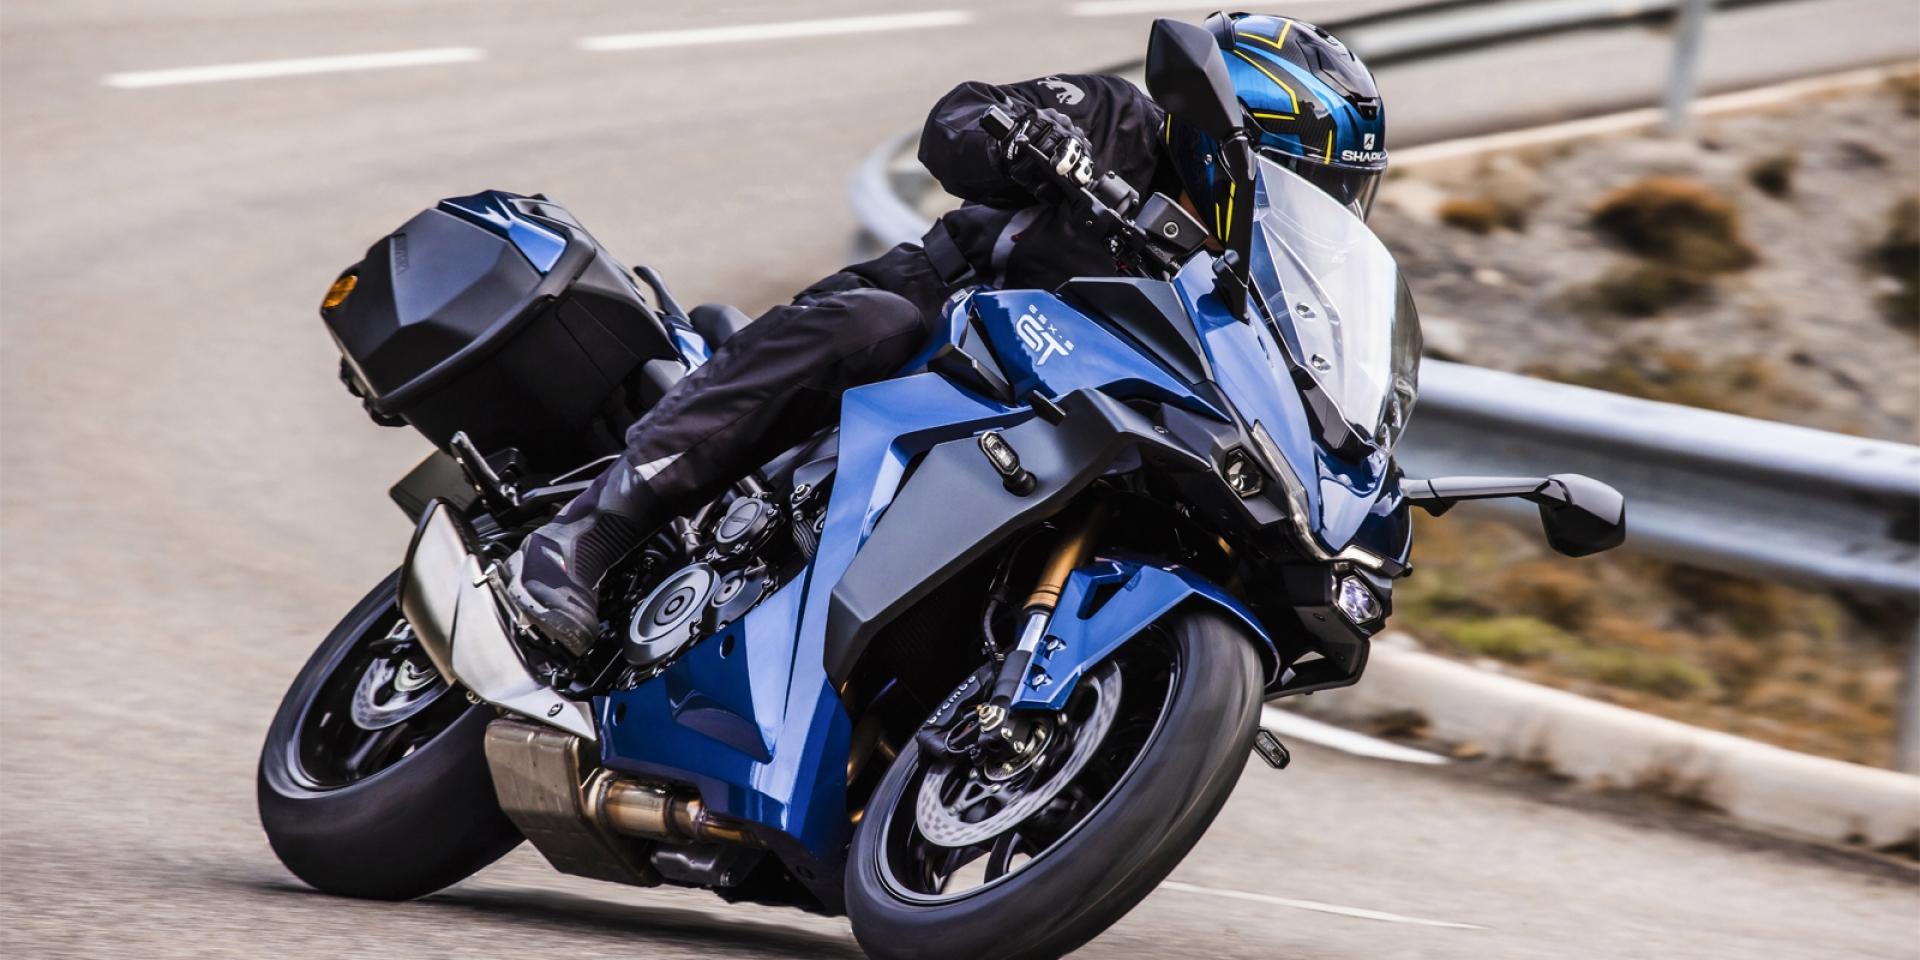 全彩儀表、手機連線導航加入!Suzuki GSX-S1000GT旗艦跑旅發表